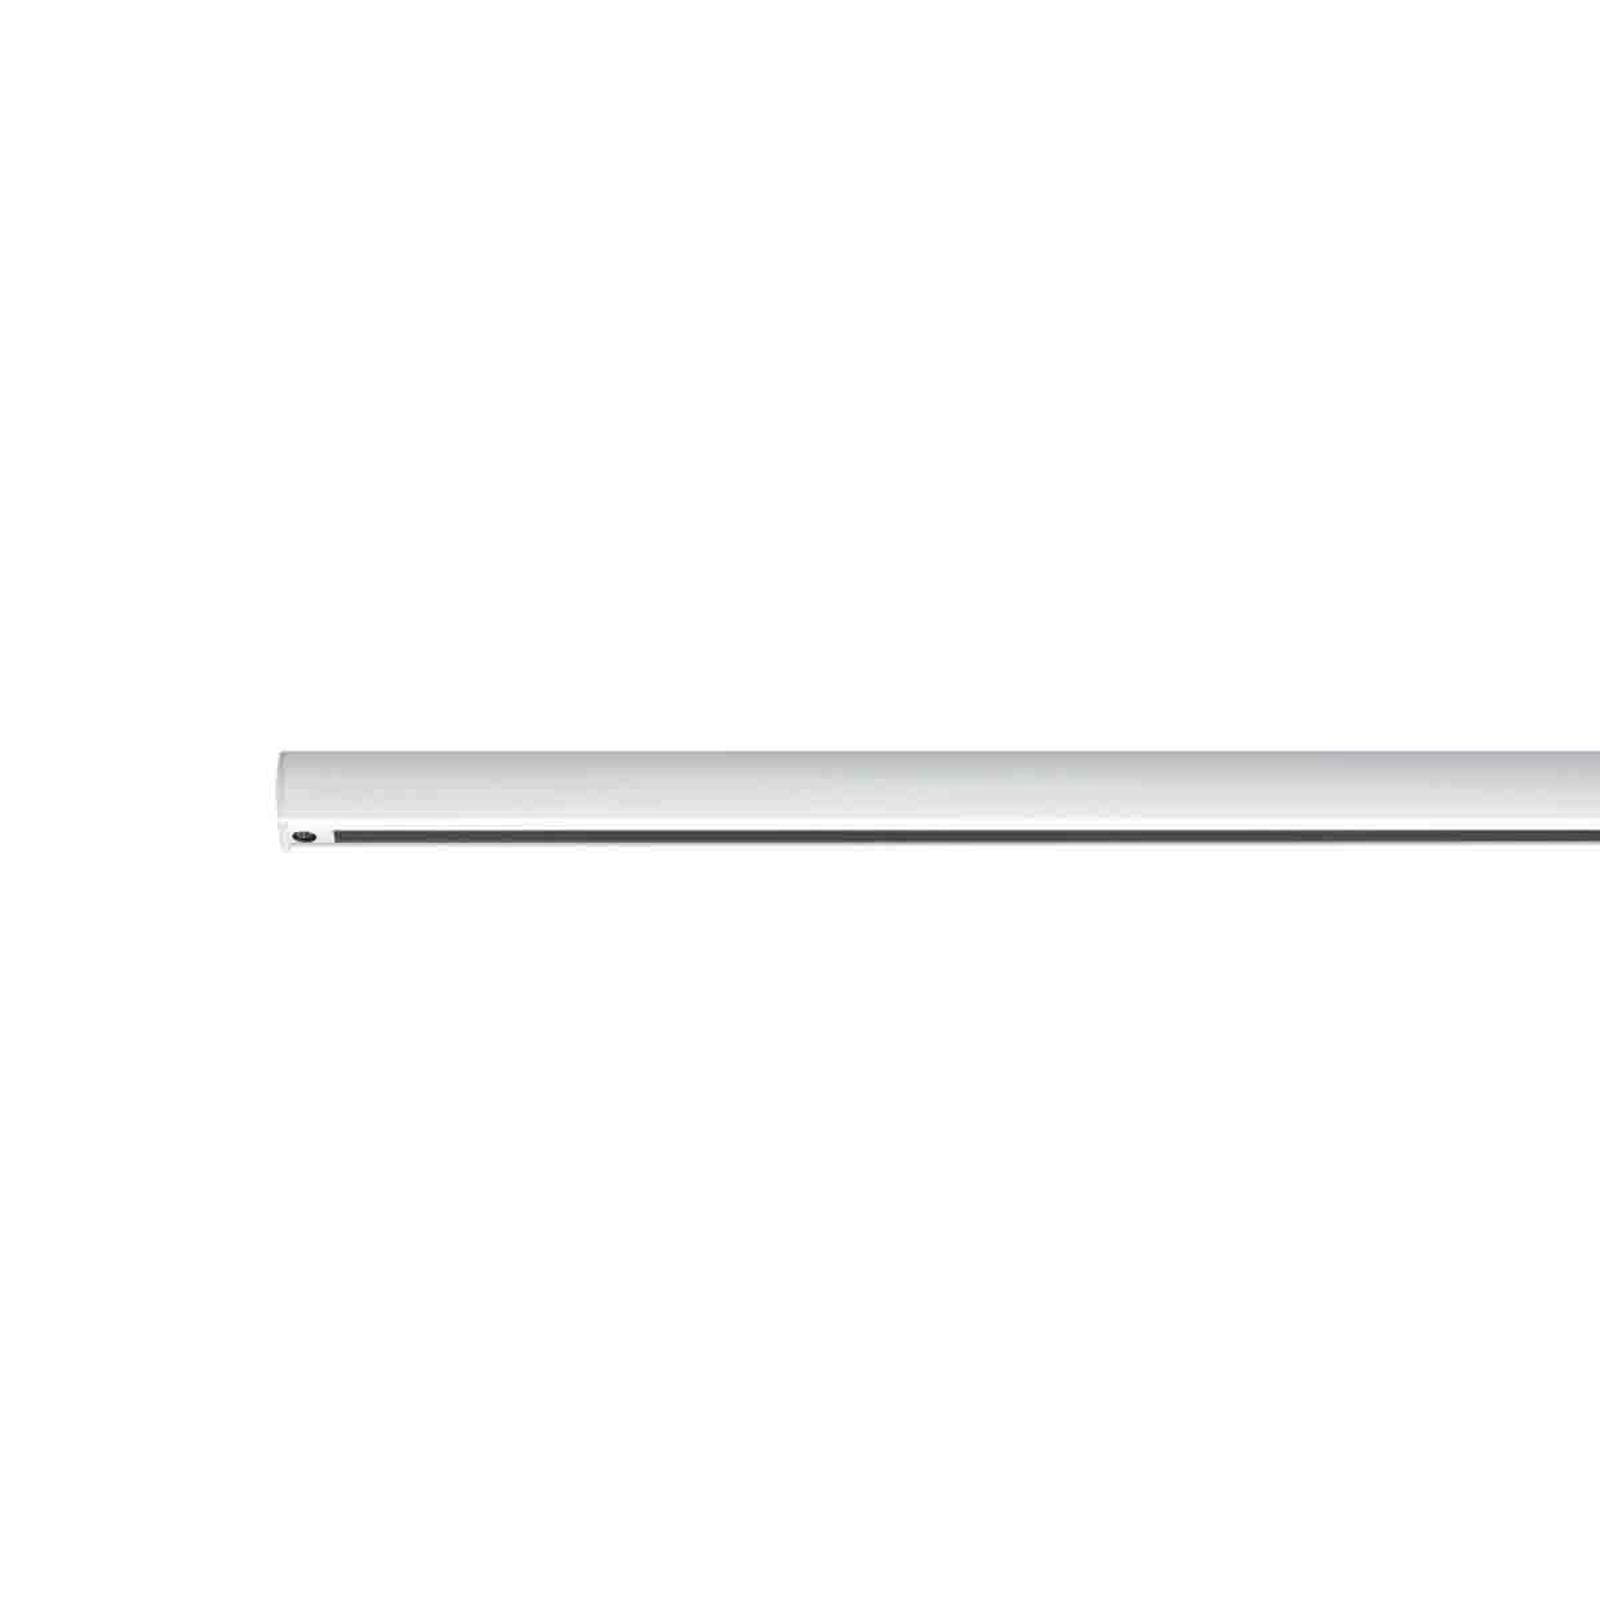 Paulmann URail Schiene 2m, weiß